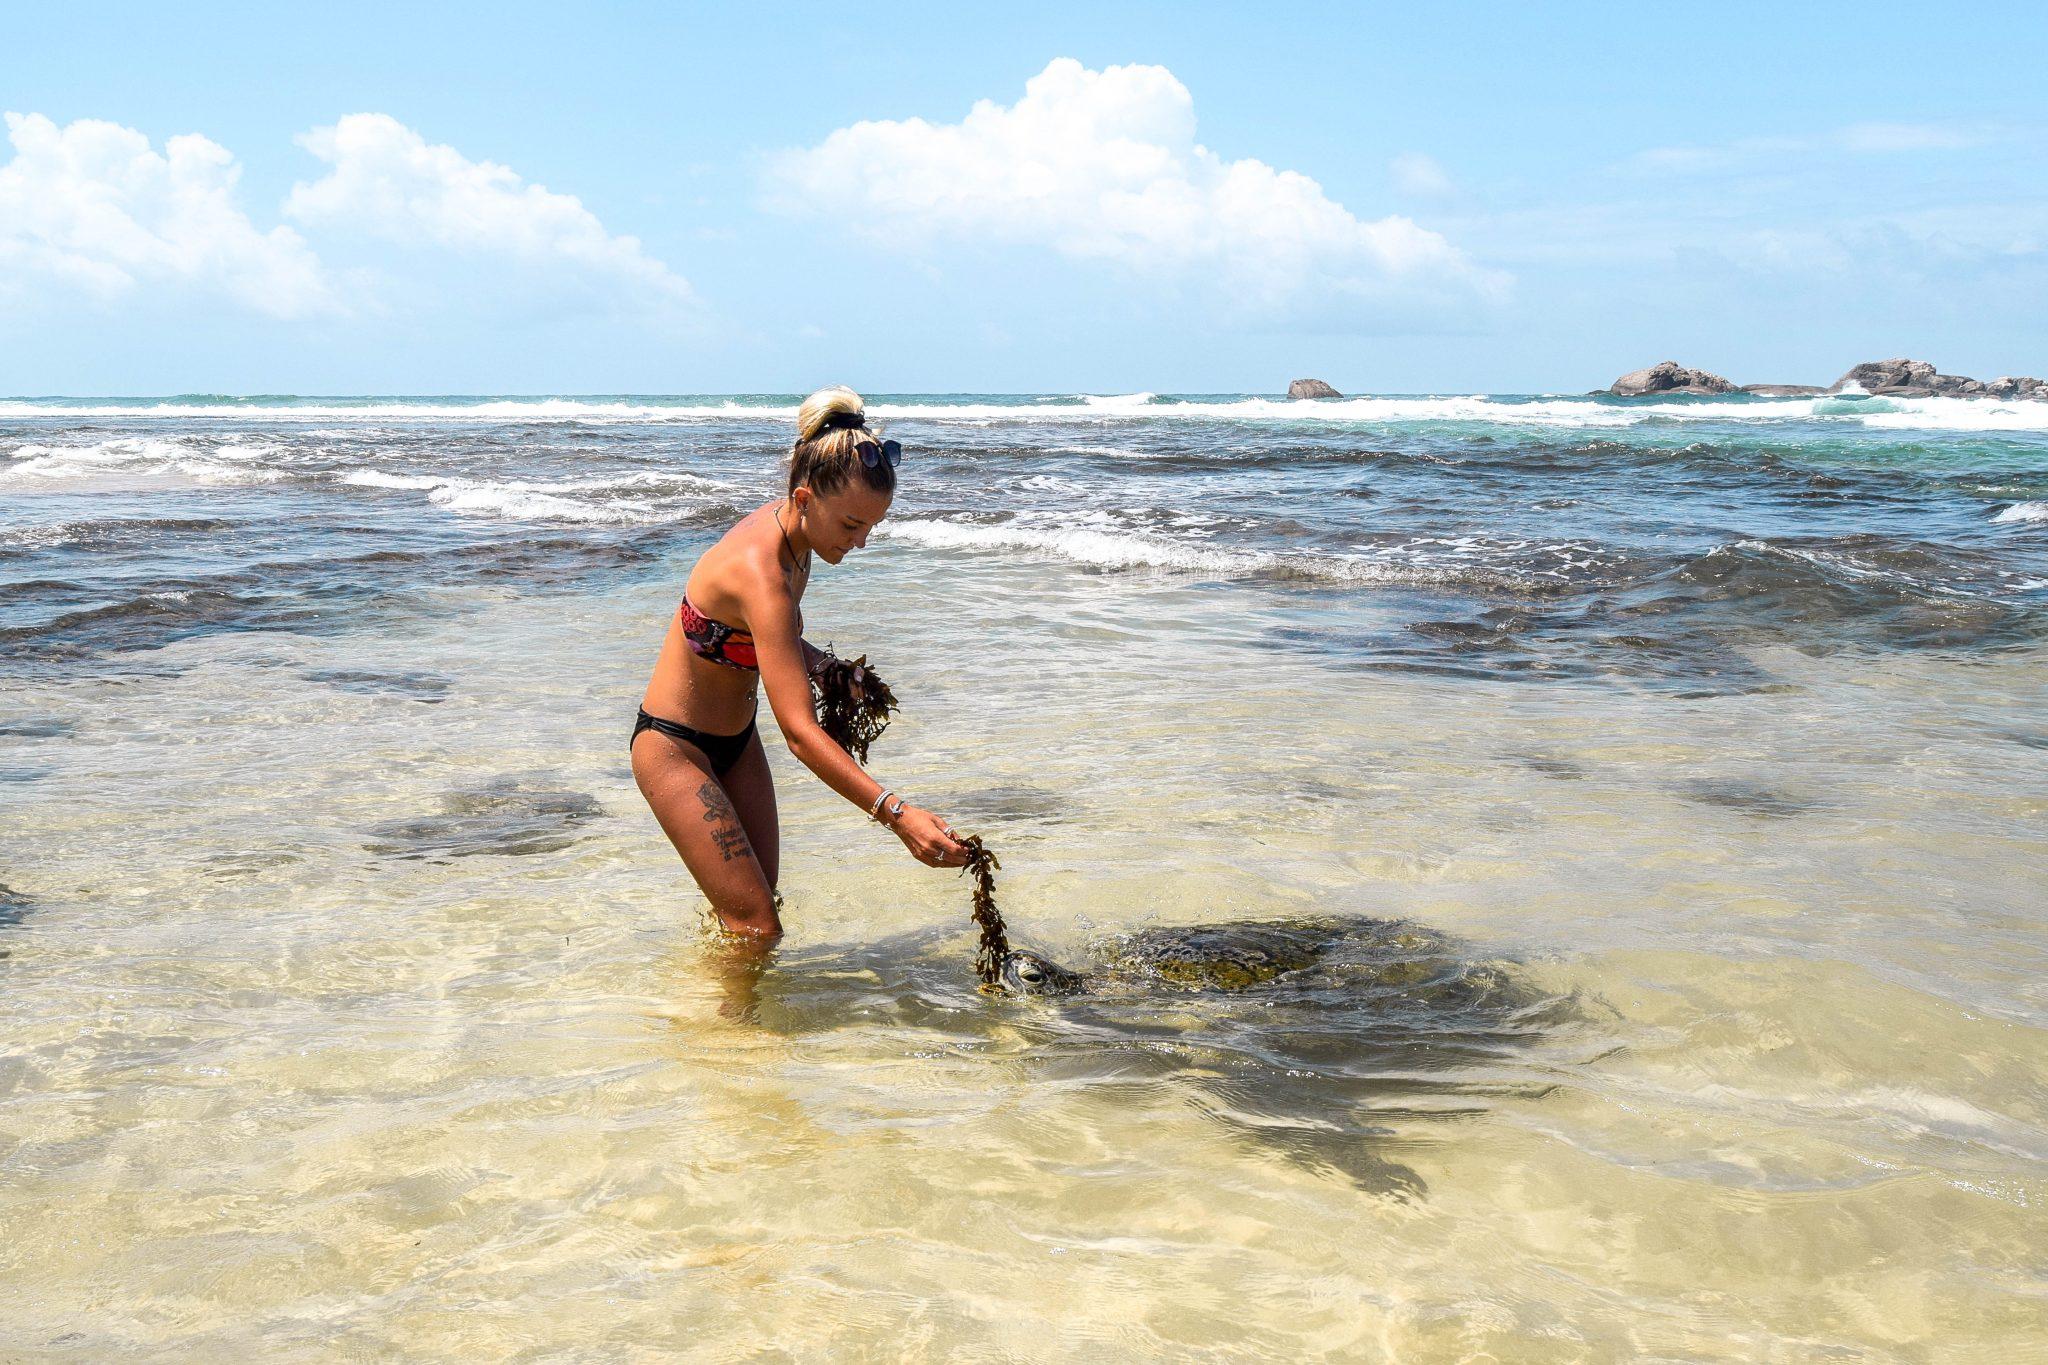 Wanderers & Warriors - Charlie & Lauren UK Travel Couple - Wild Hikkaduwa Turtles & Where To Find Them - Hikkaduwa Beach Sri Lanka